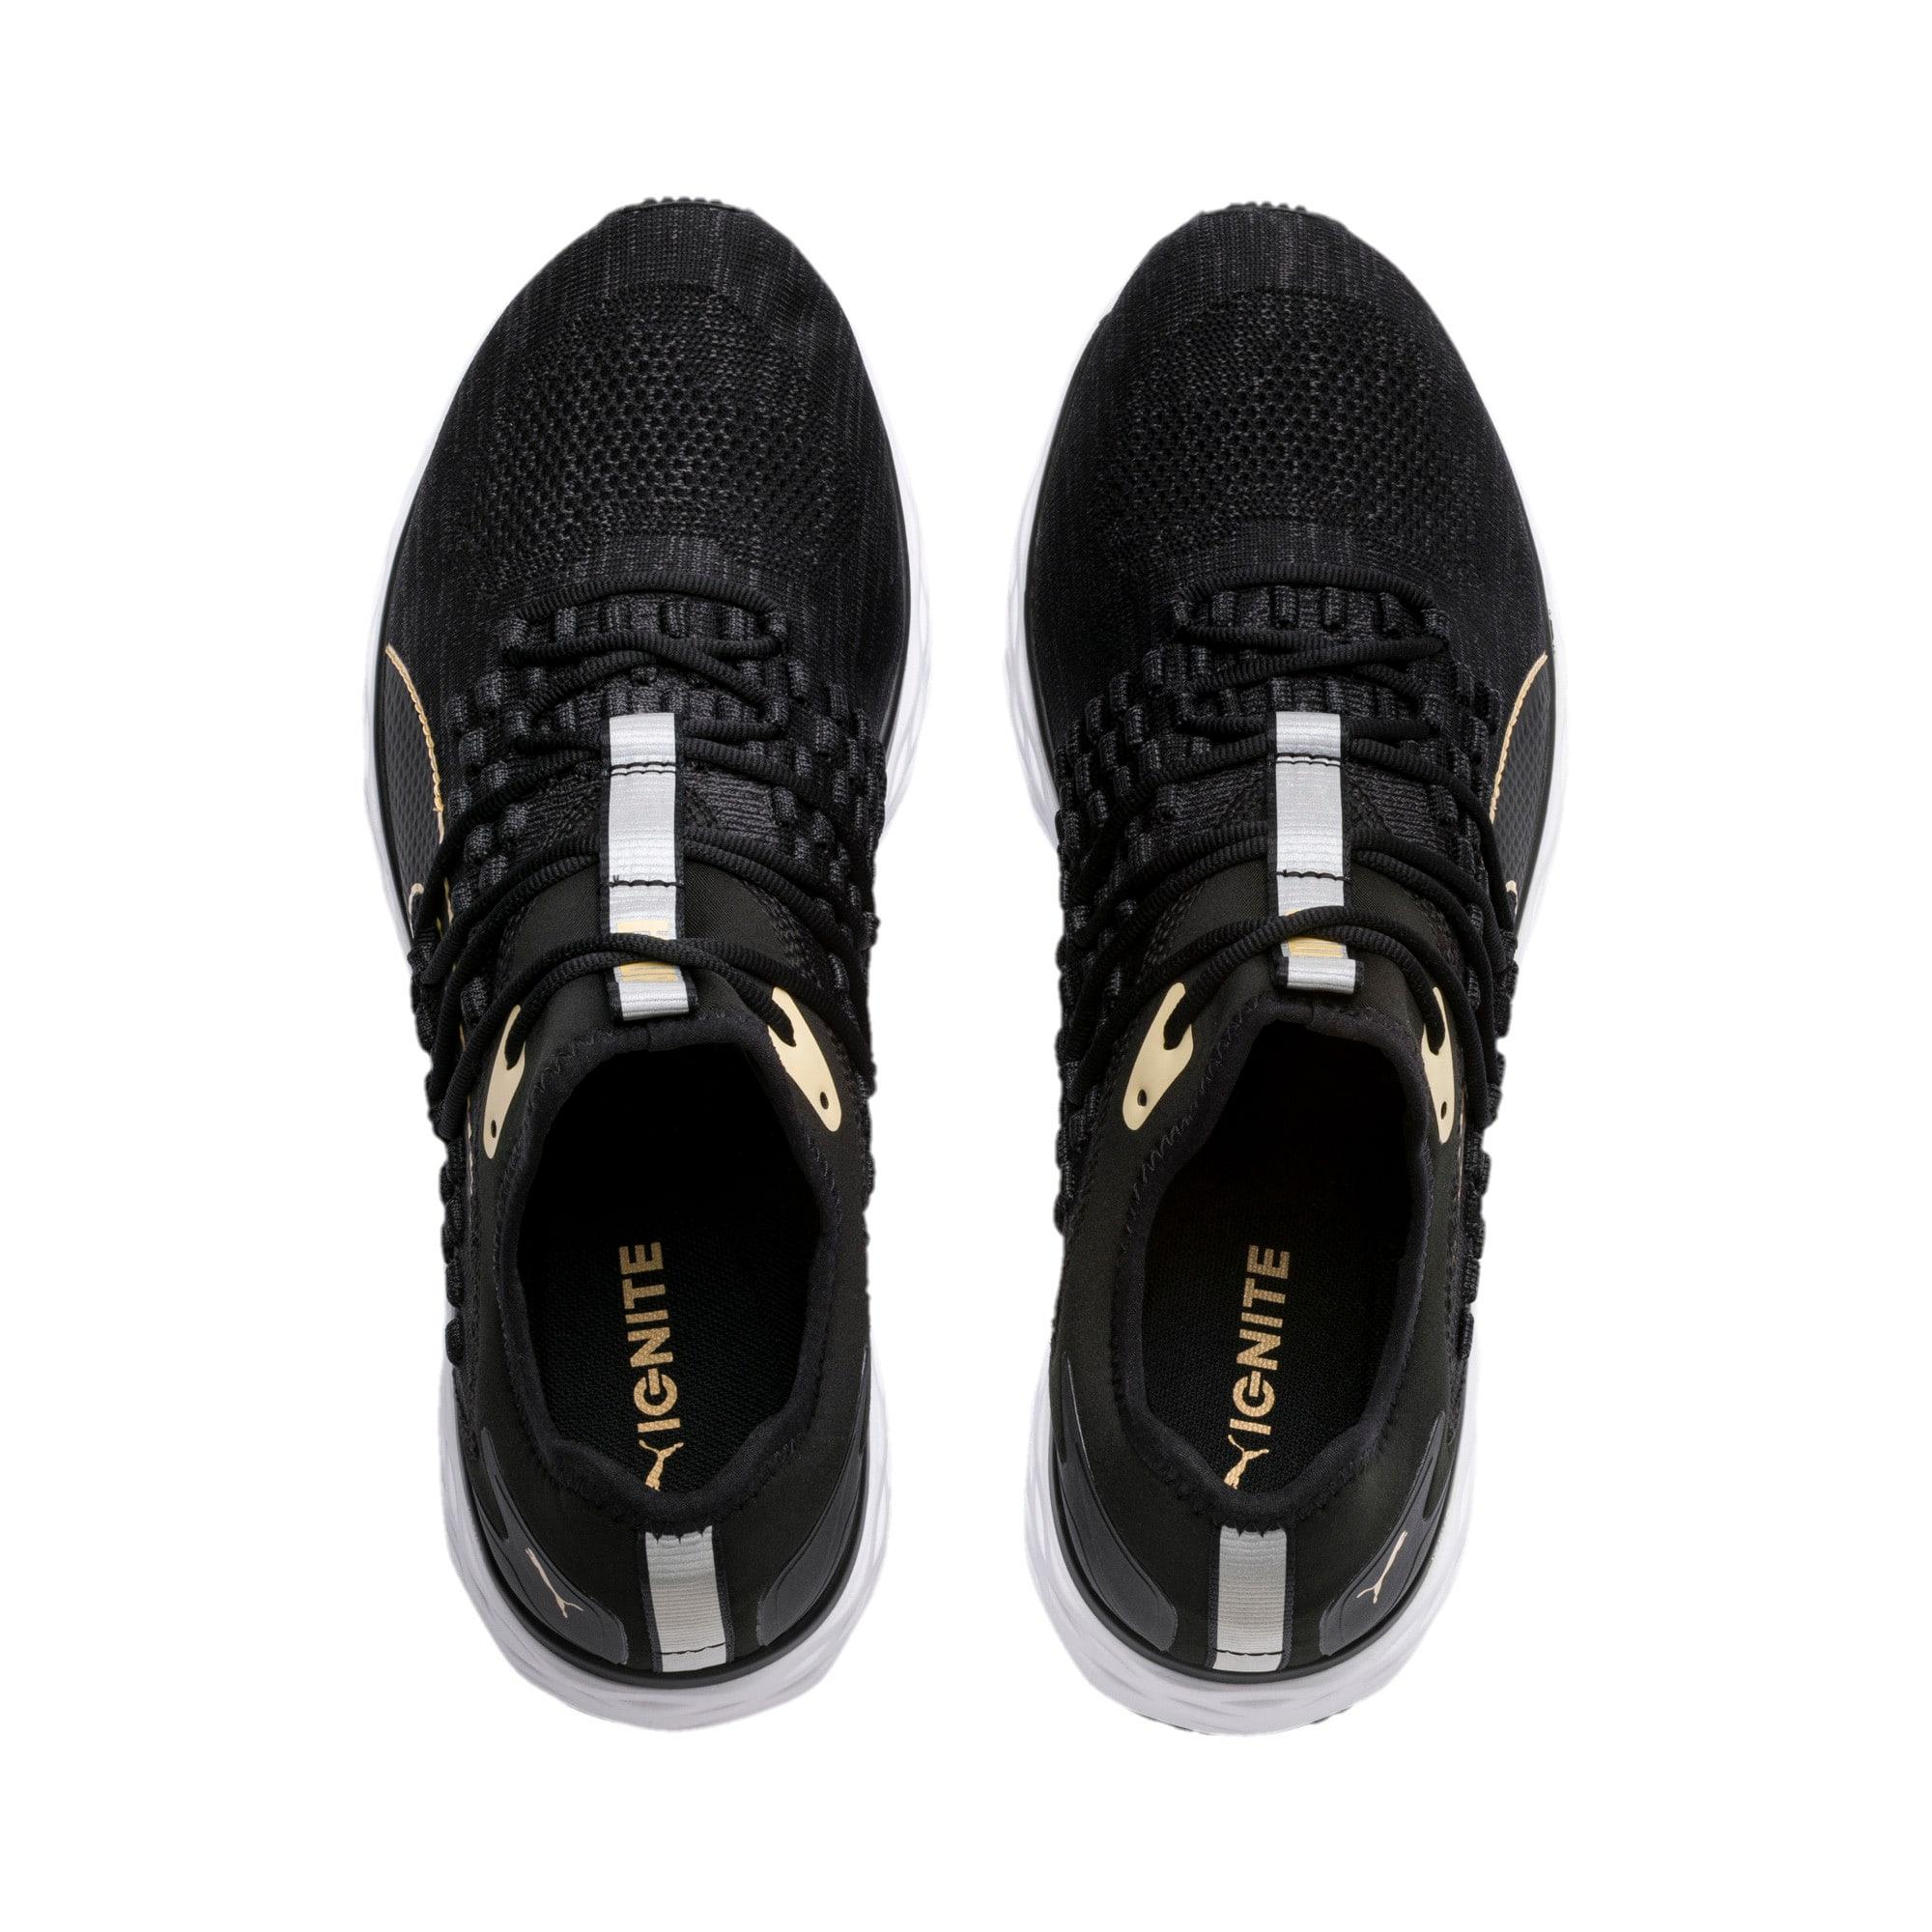 Thumbnail 7 of SPEED FUSEFIT Men's Running Shoes, Black-White-Taos Taupe, medium